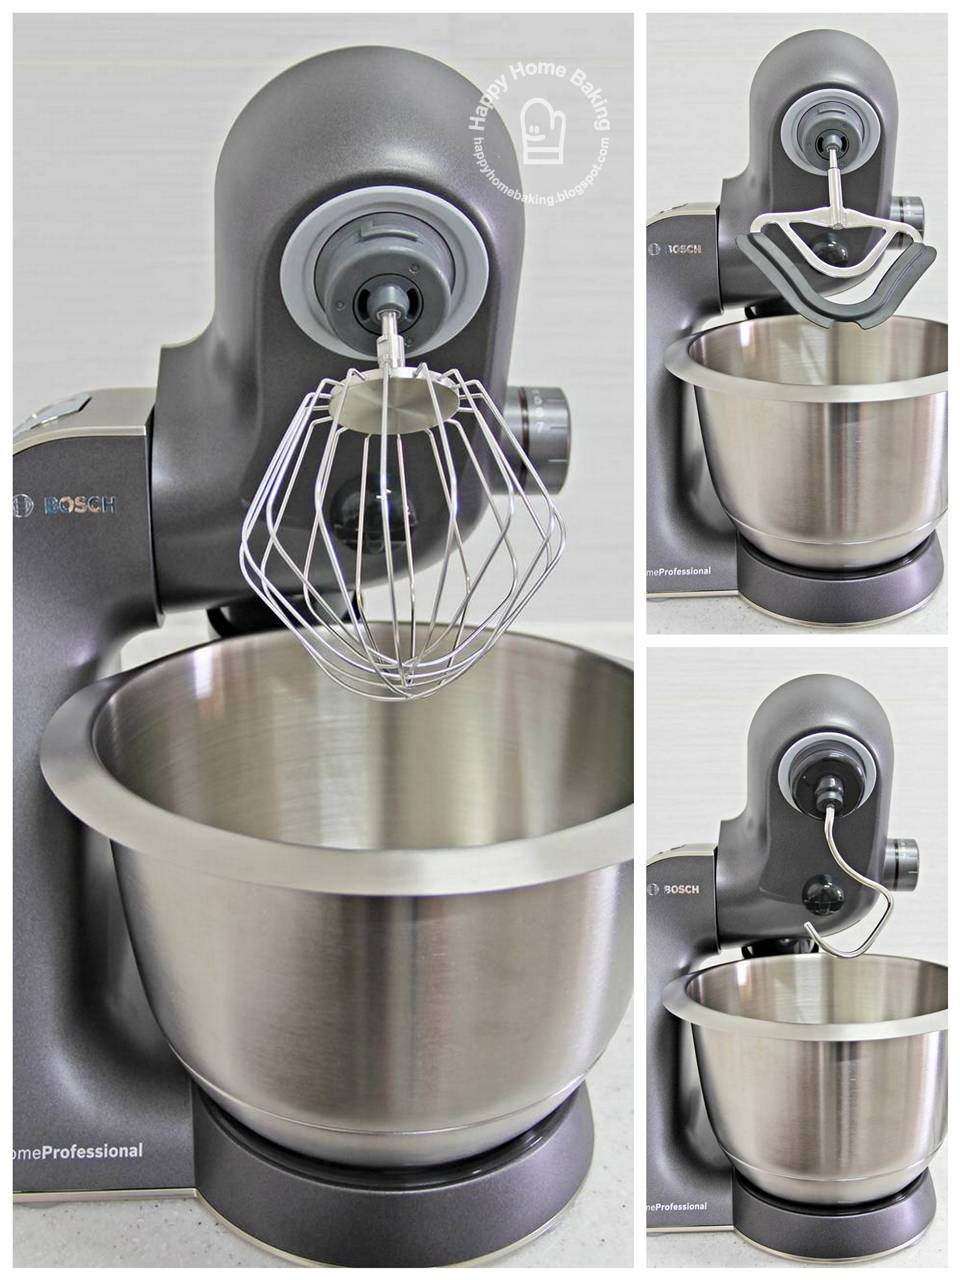 bosch kitchen mixer simulator happy home baking my new helper